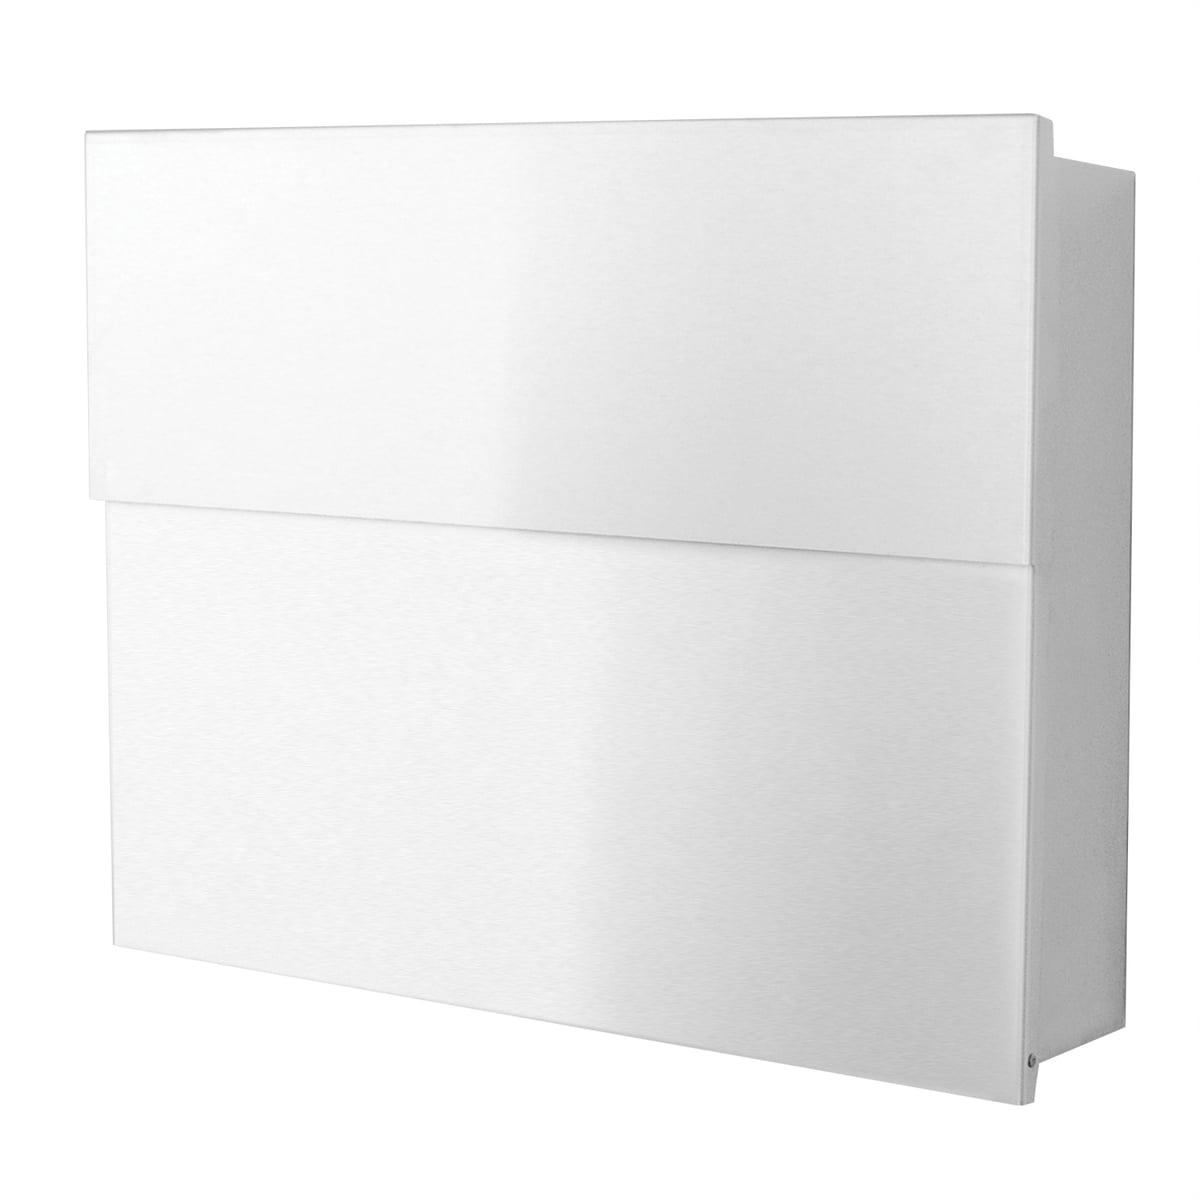 Radius Design - Briefkasten Letterman XXL II, weiß